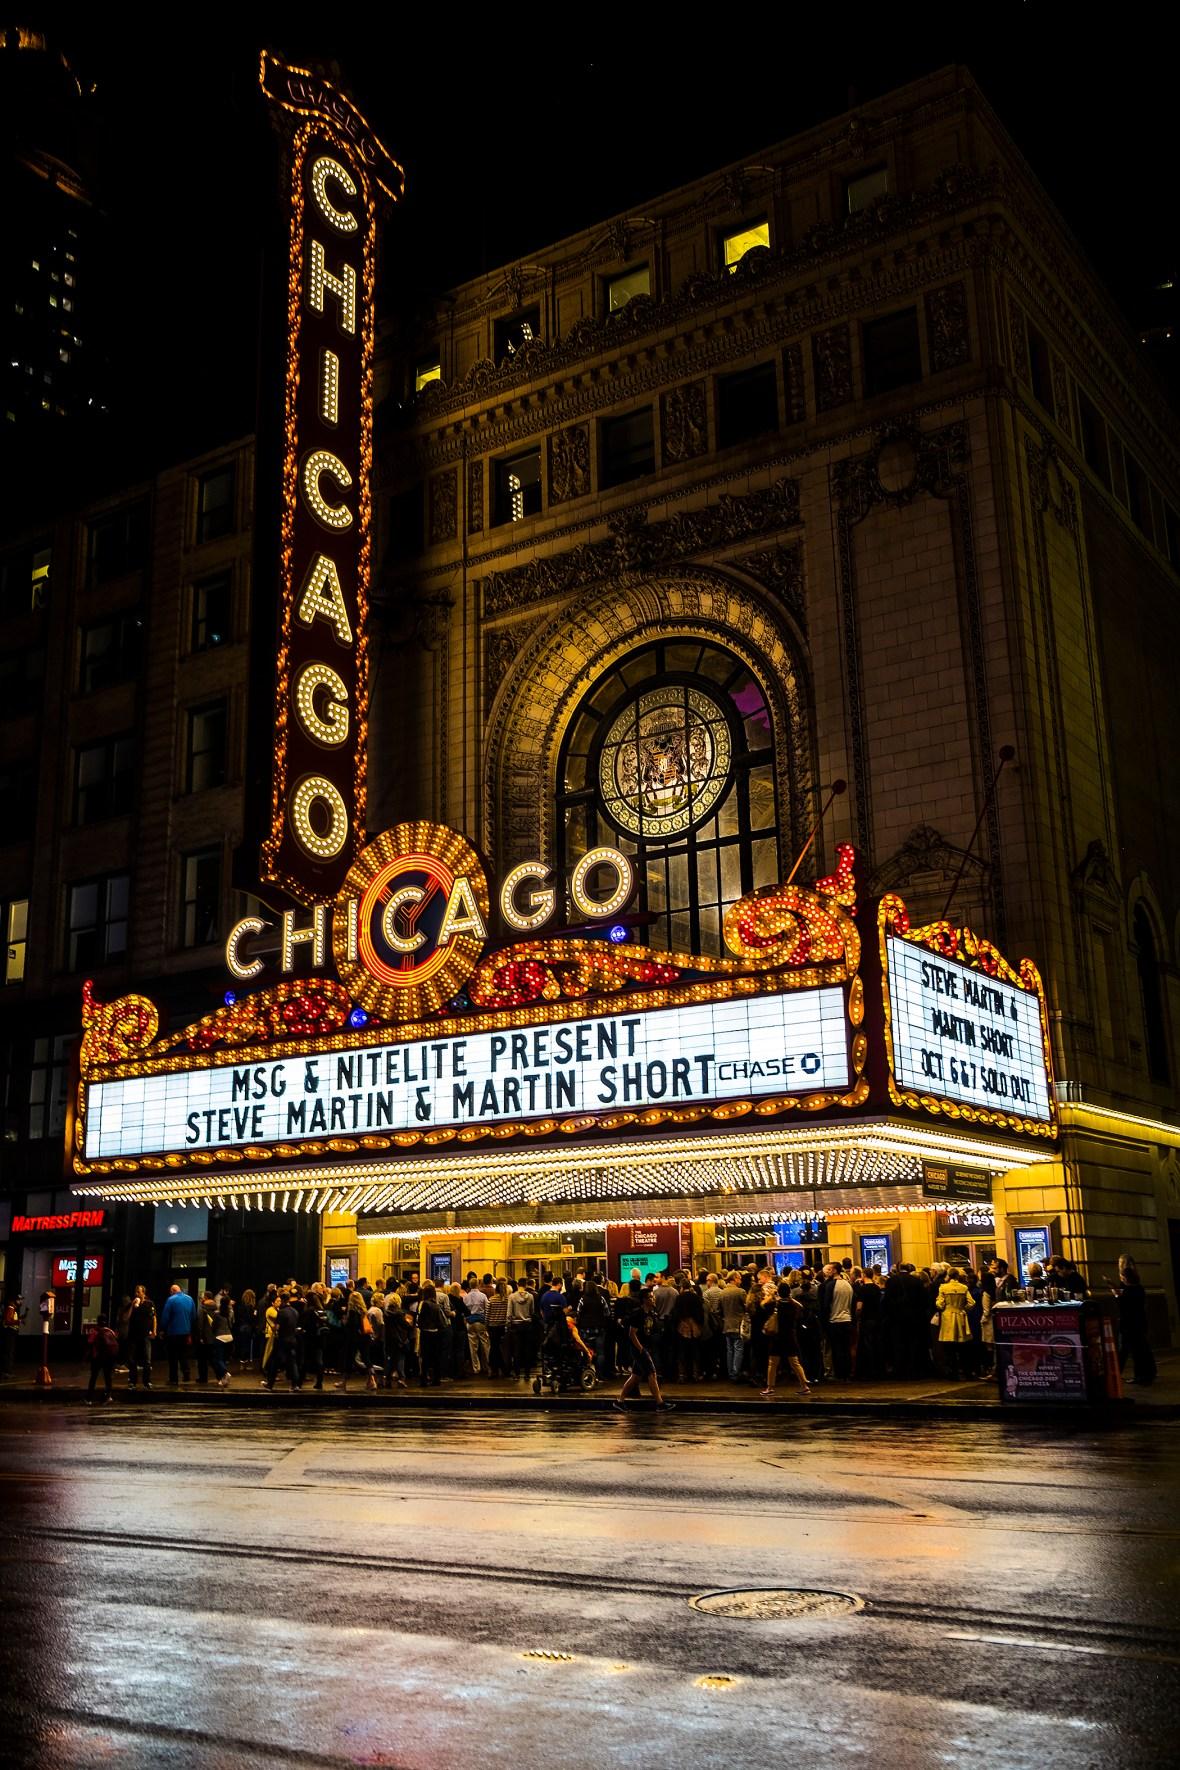 chicagoTheater_DSCF6267